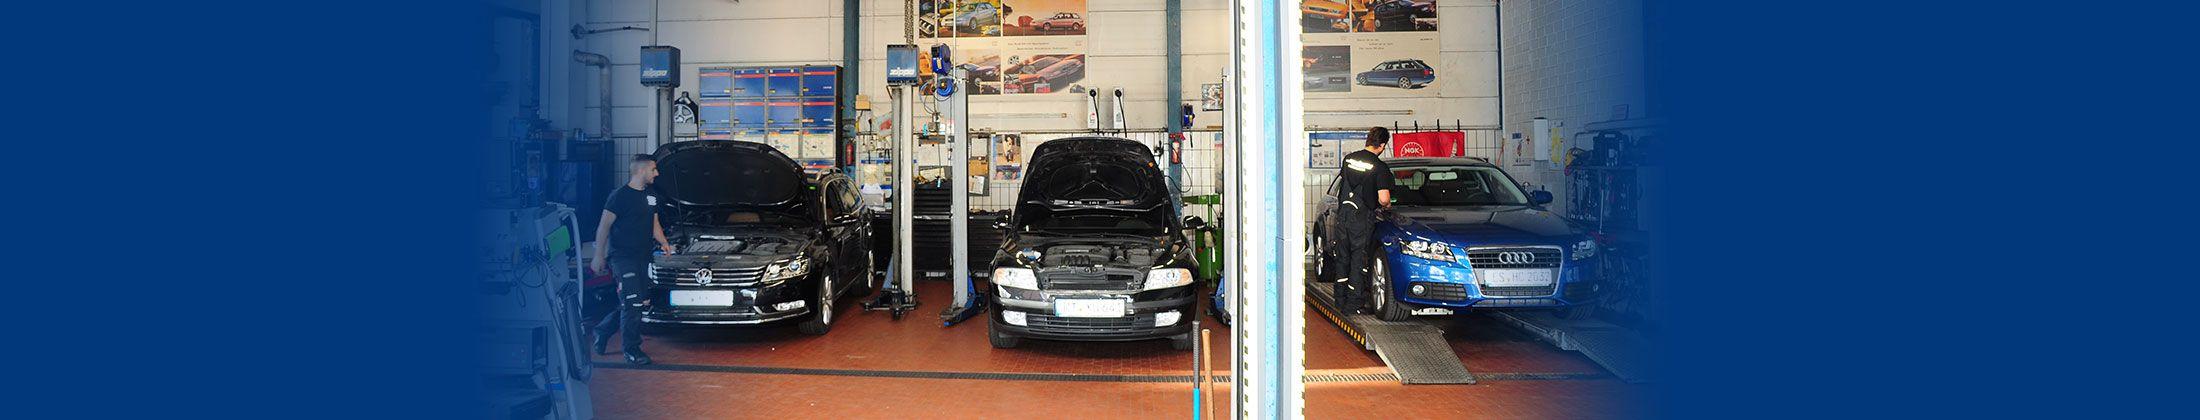 Achsvermessung und Spureinstellung für Ihr Fahrzeug in Pliezhausen, Walddorfhäslach, Neckartenzlingen